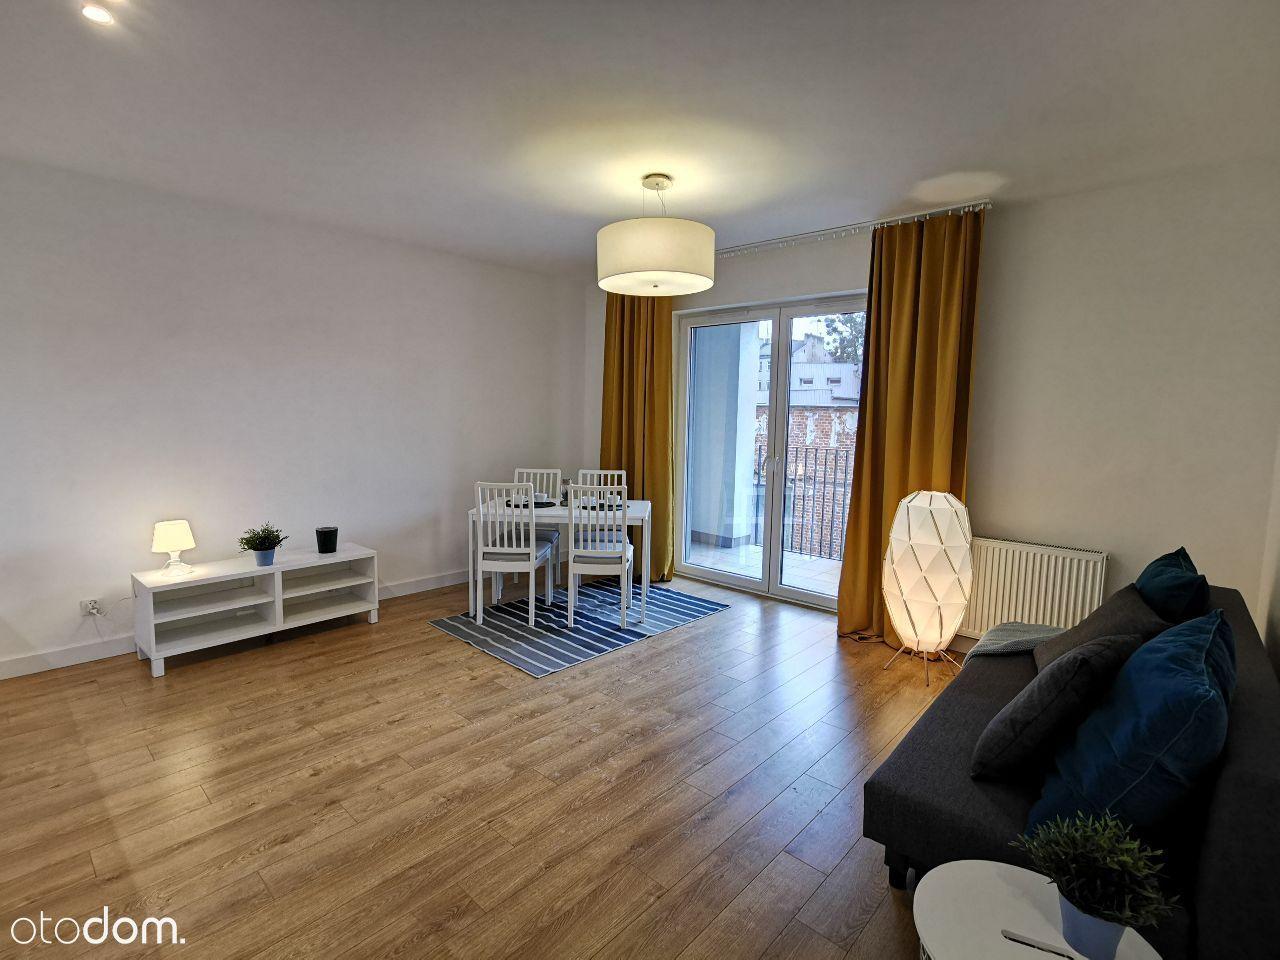 2-pokojowe mieszkanie z balkonem I pet friendly